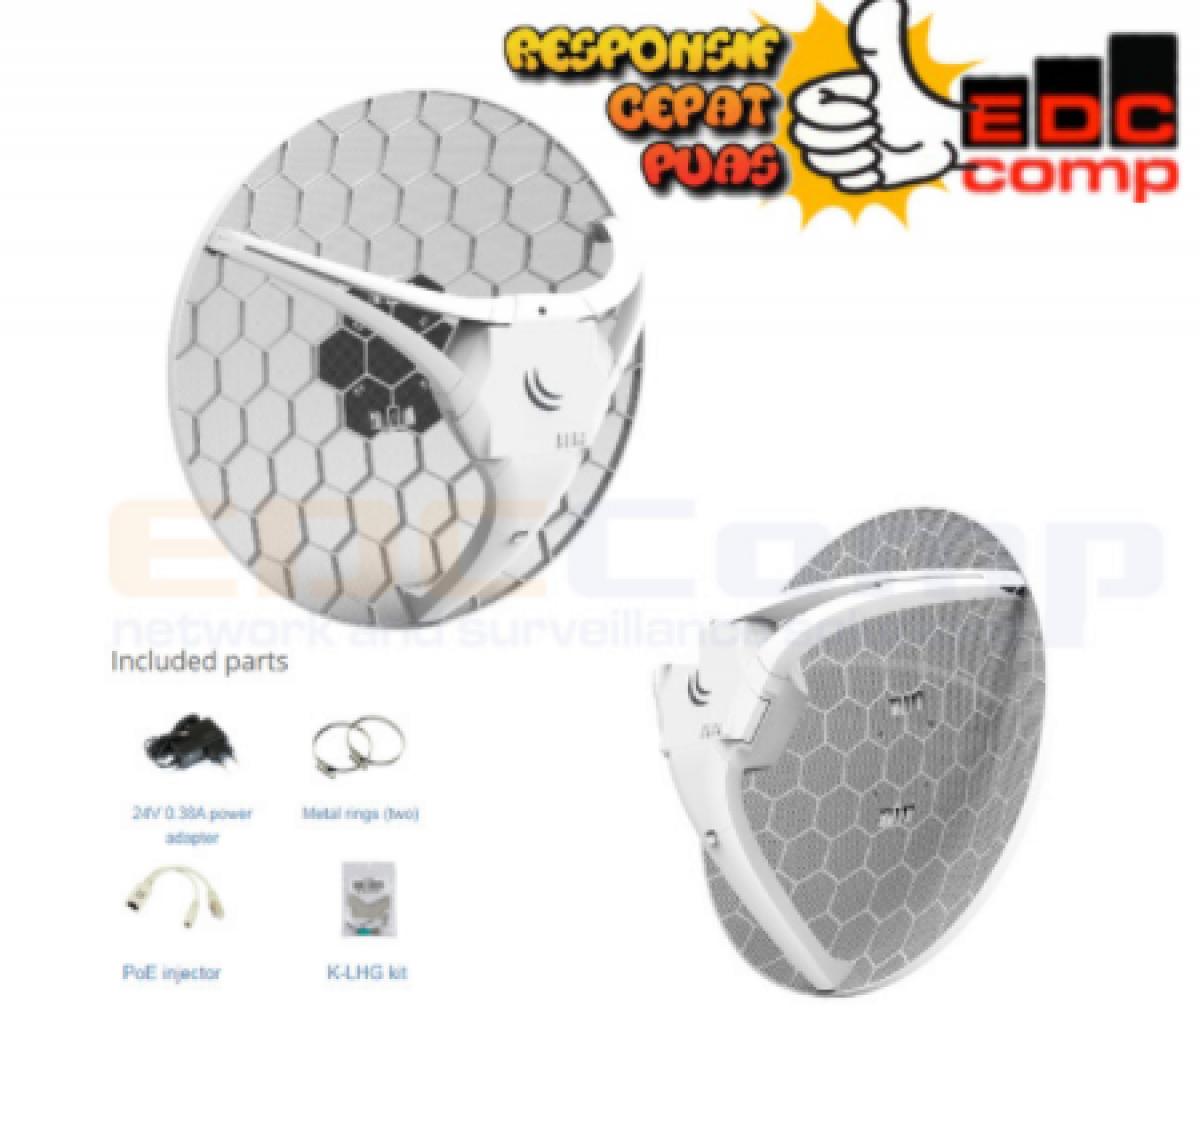 Mikrotik RBLHG LTE Kit RBLHGR&R11e-LTE - EdcComp